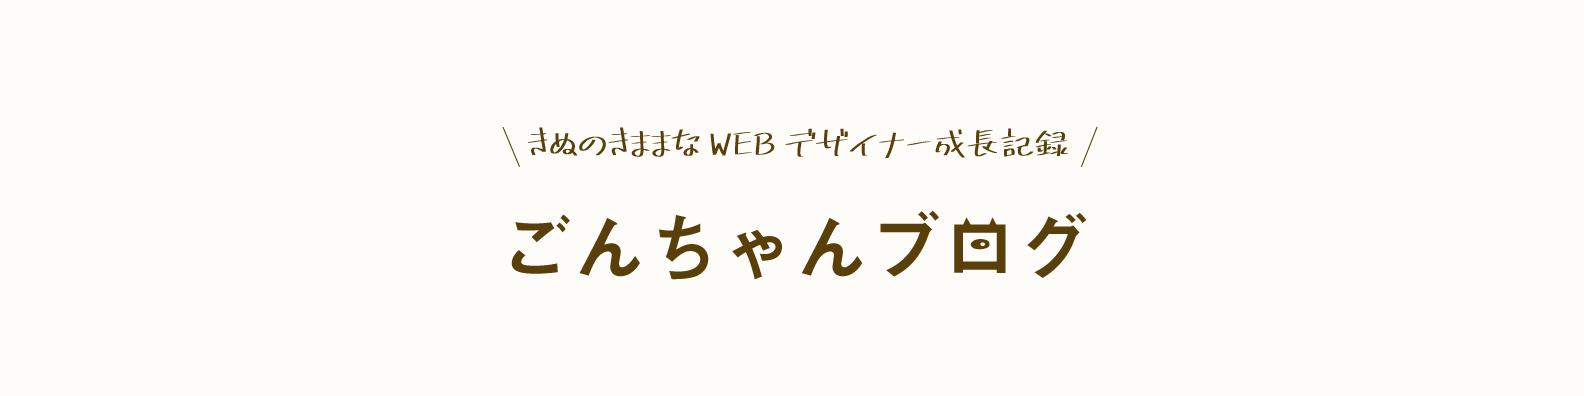 ごんちゃんブログ